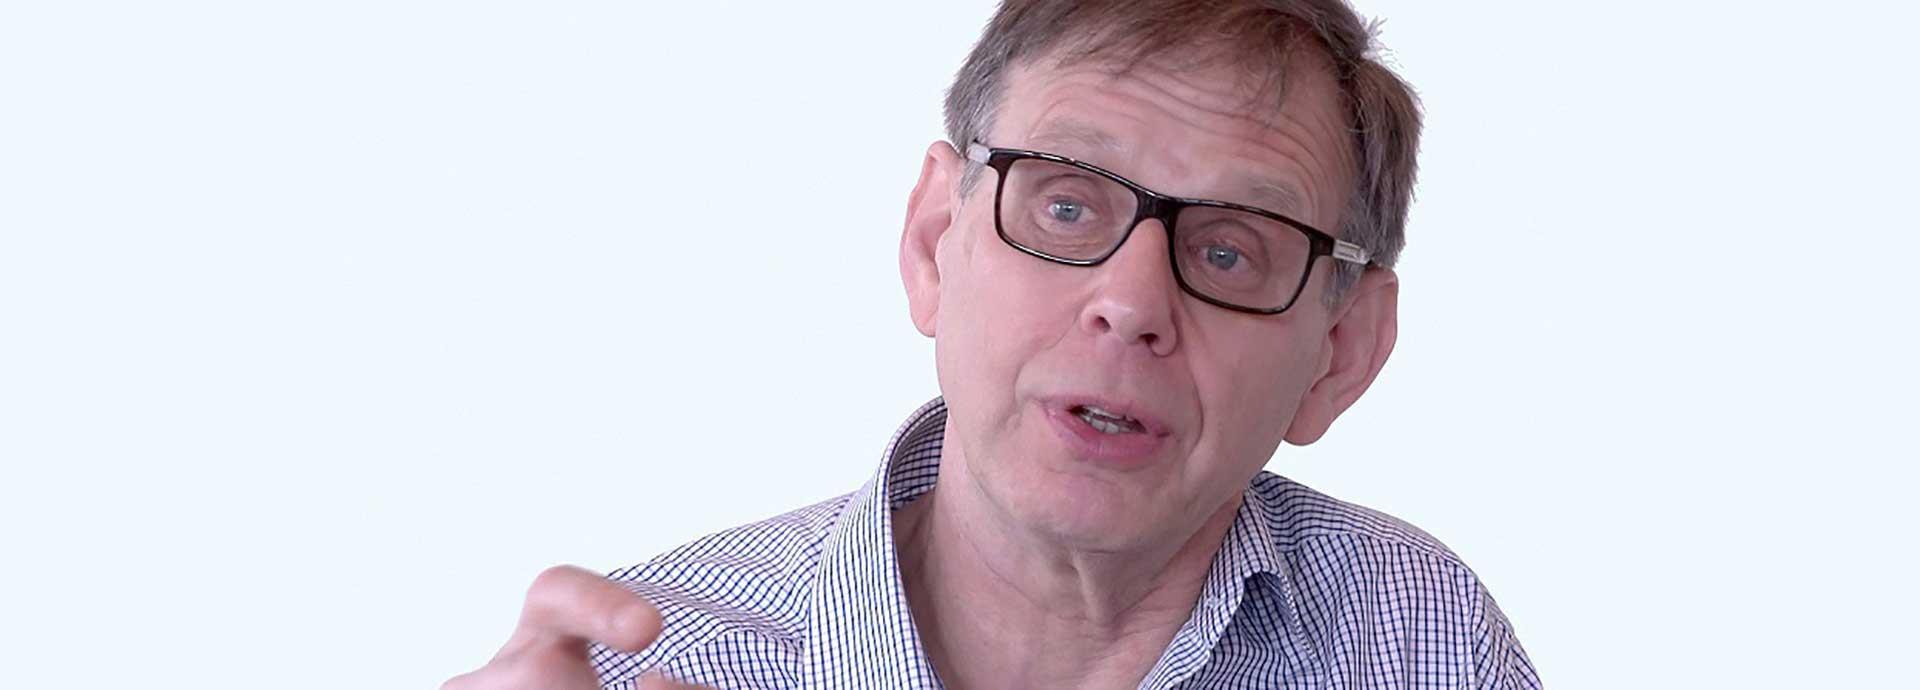 Martin Stopford